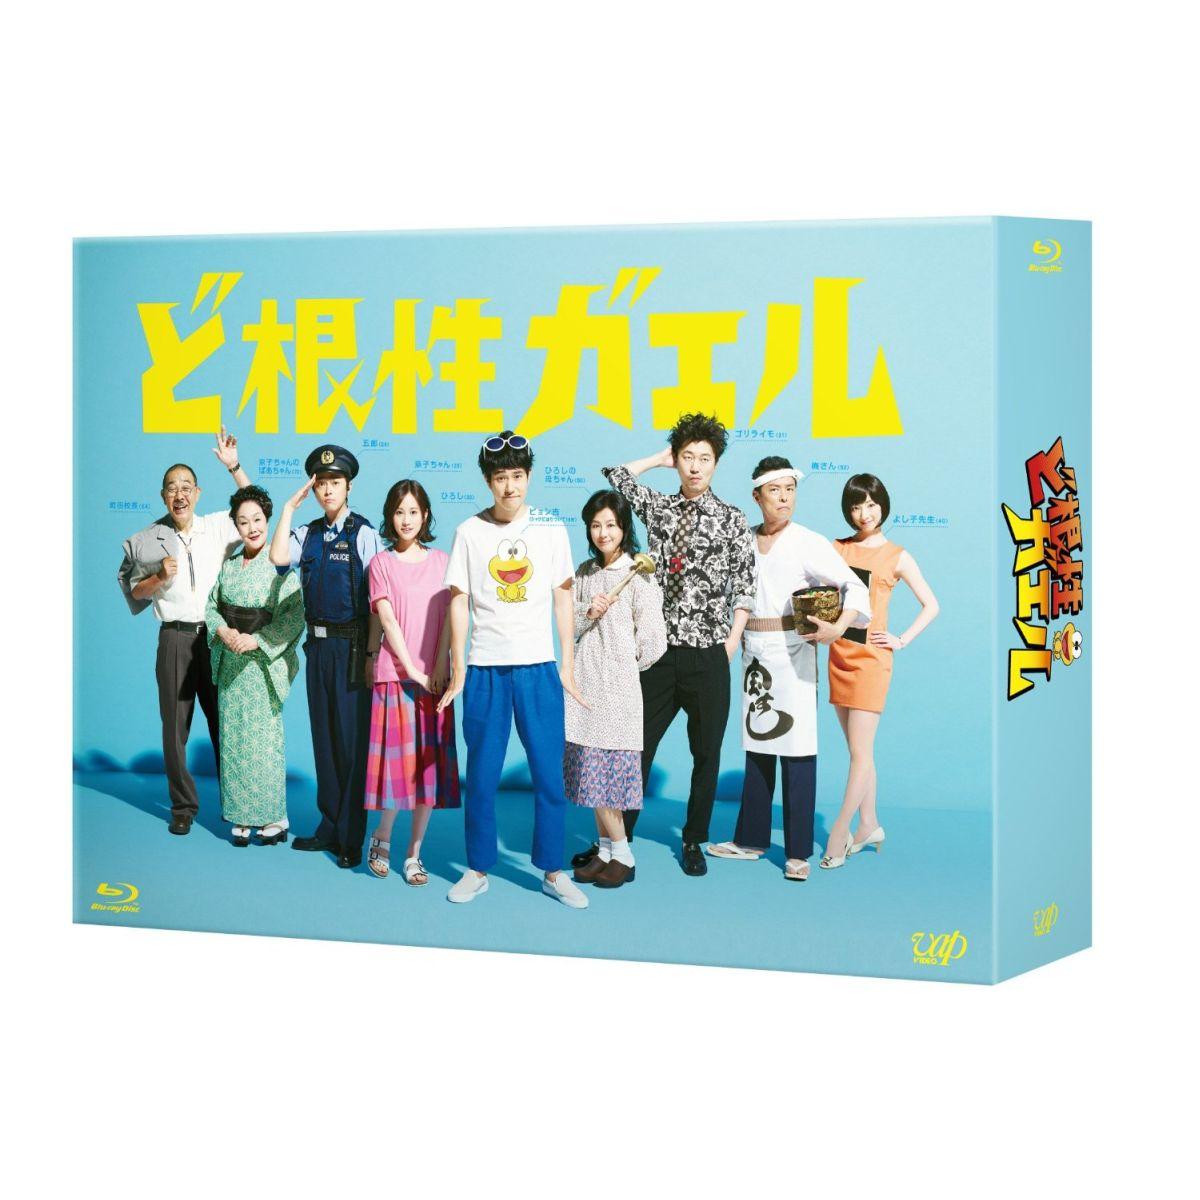 ど根性ガエル Blu-ray BOX【Blu-ray】画像